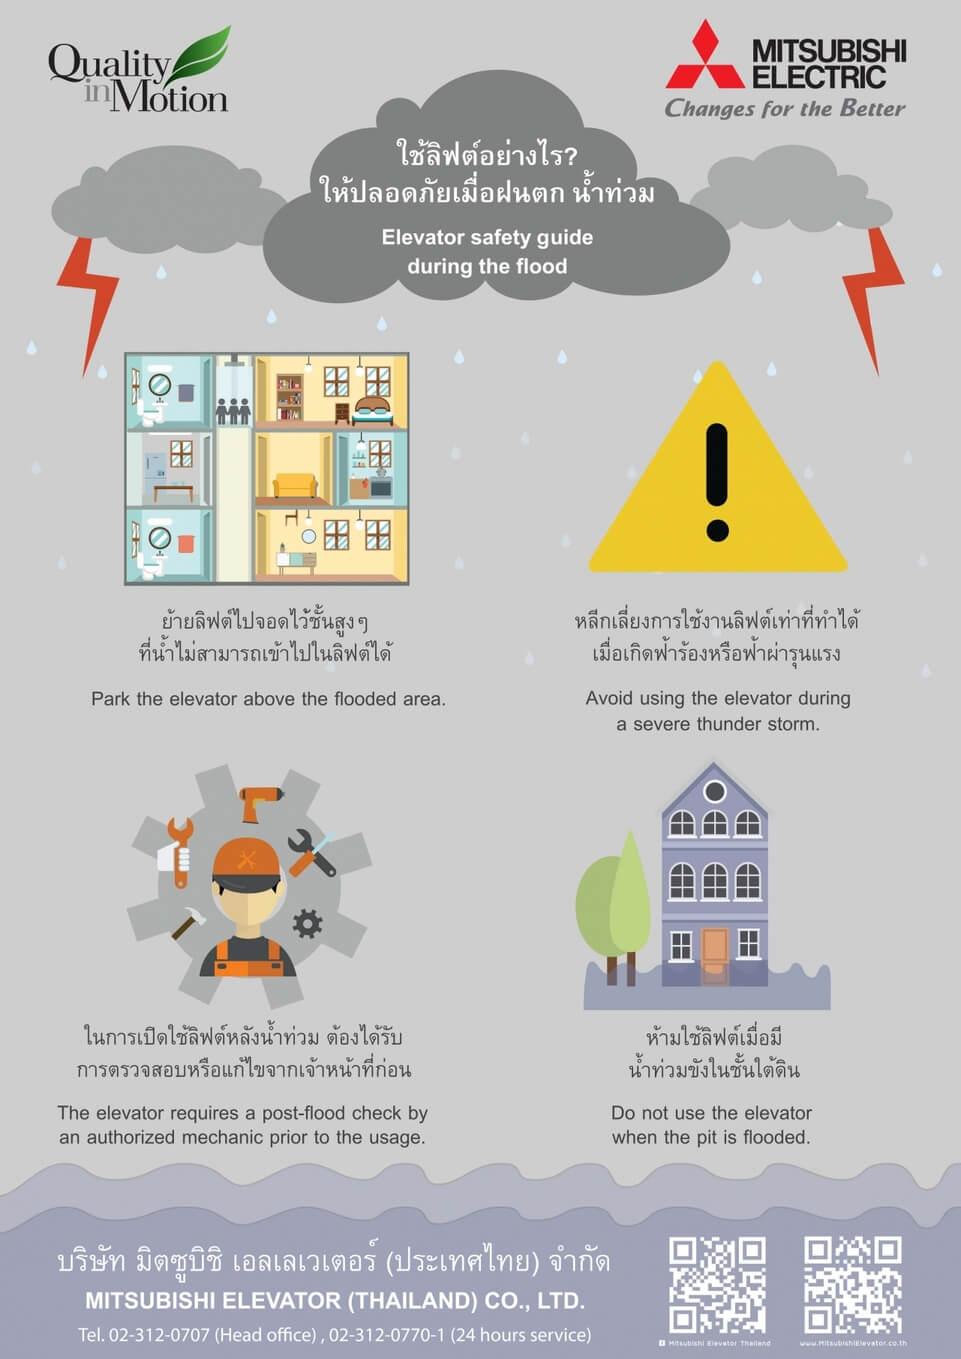 Poster - Elevator safety guide (Flood)